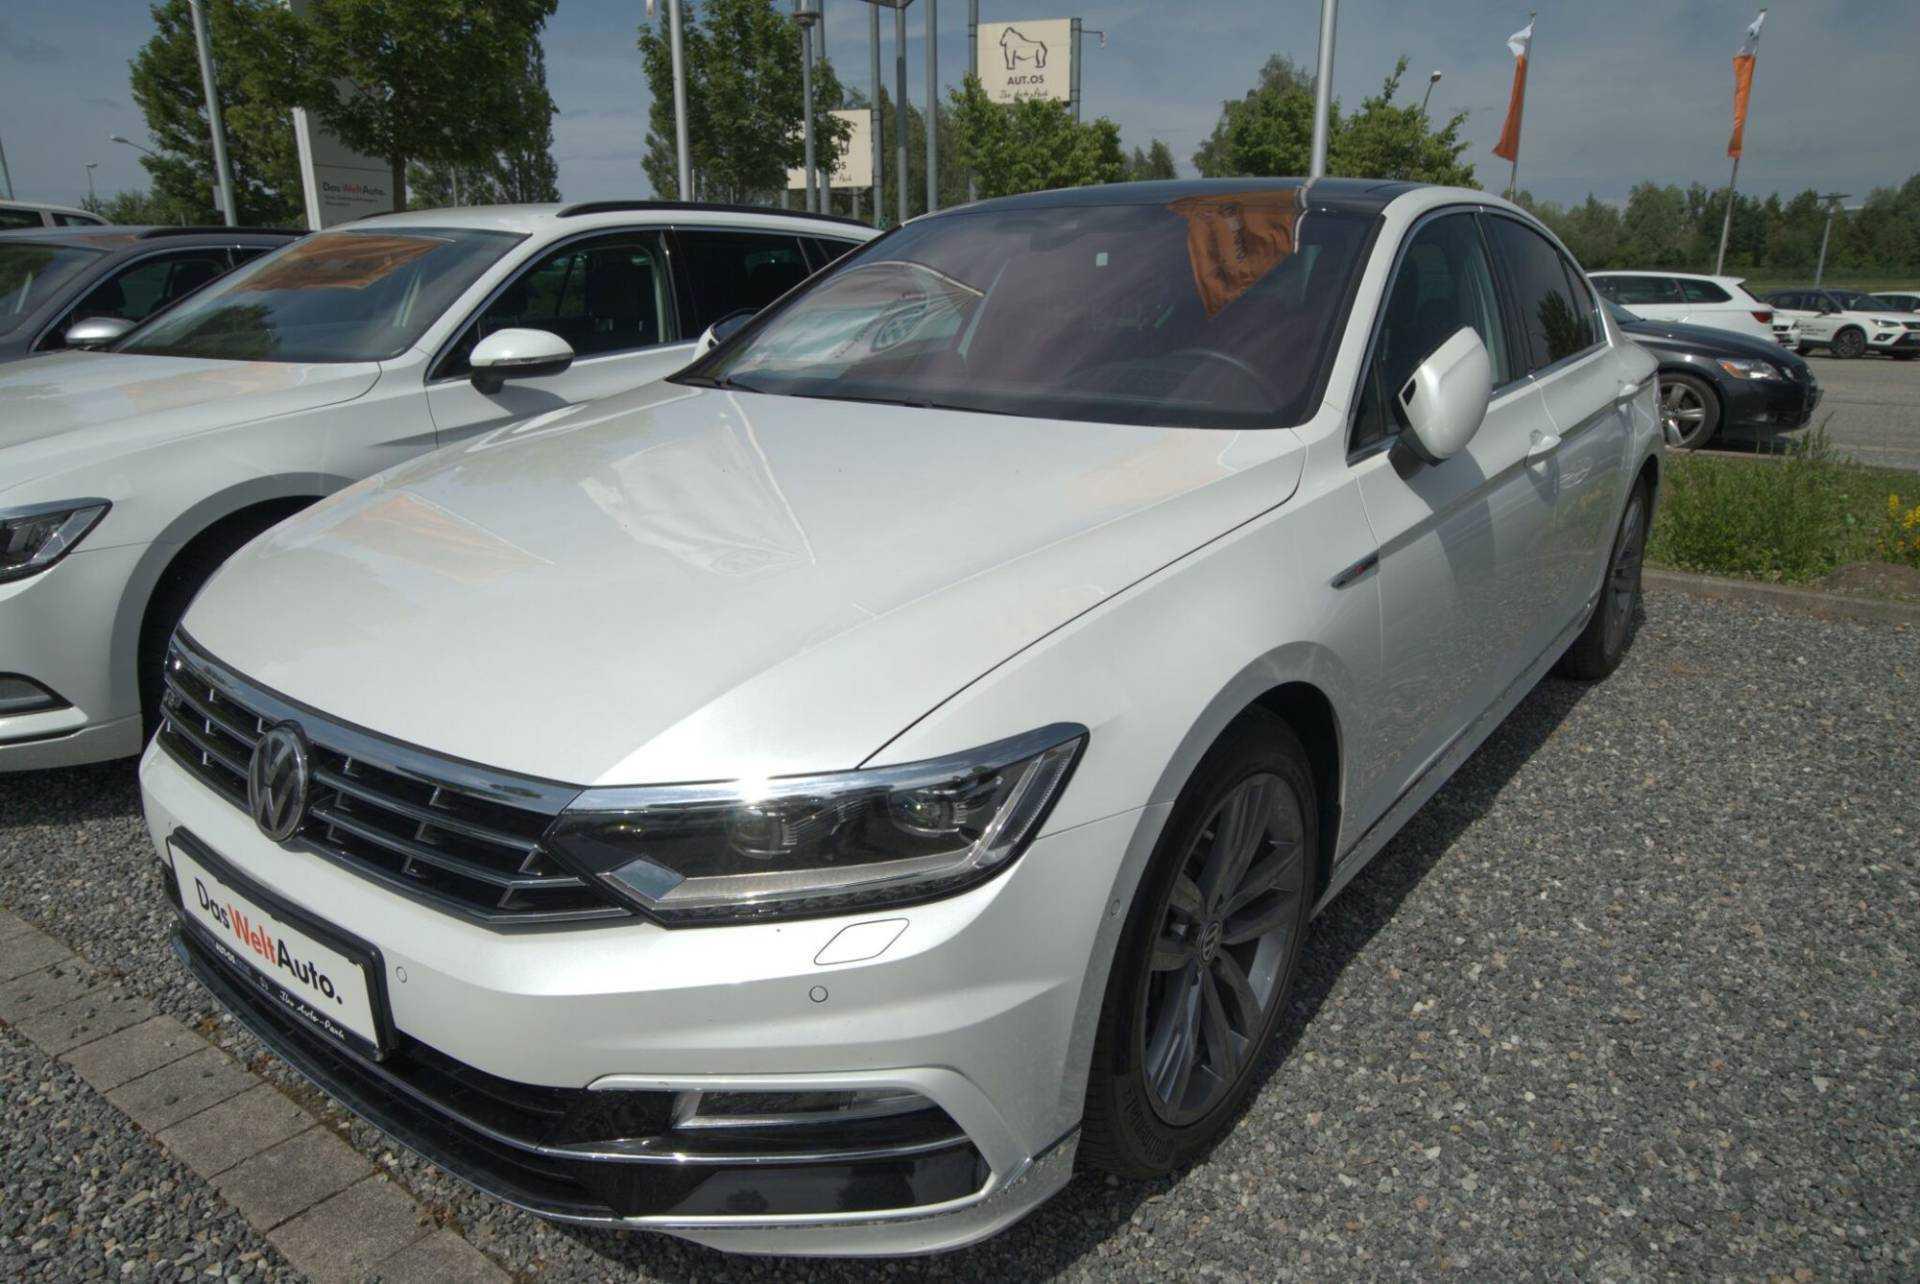 Авто из Германии в Чехию: как найти и оформить?